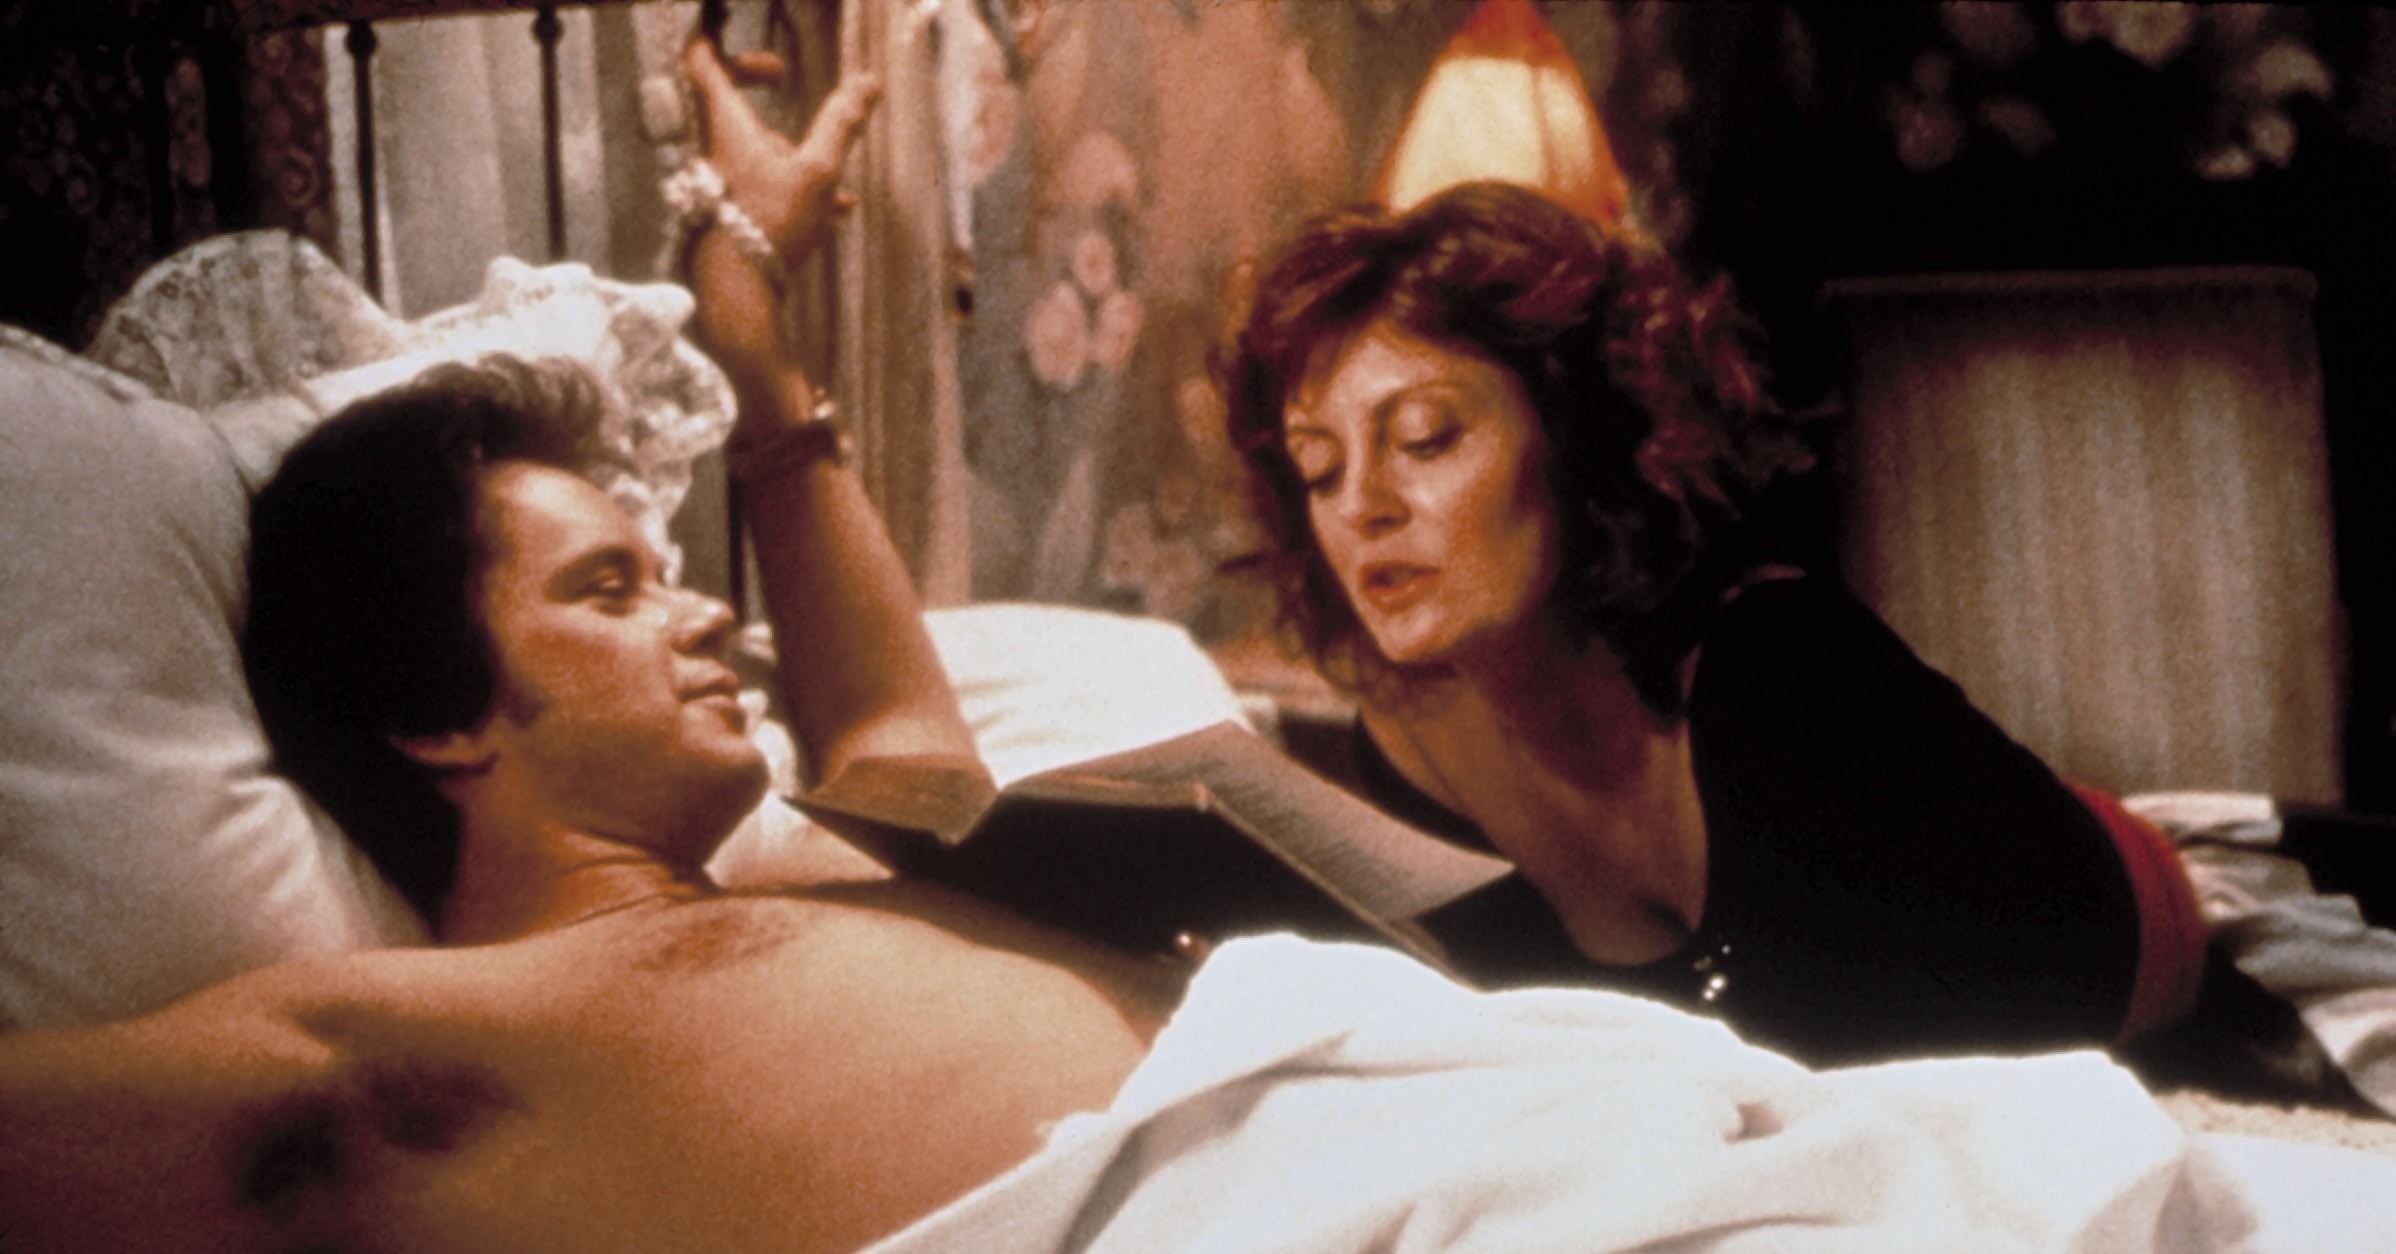 Erotic mature stories movie